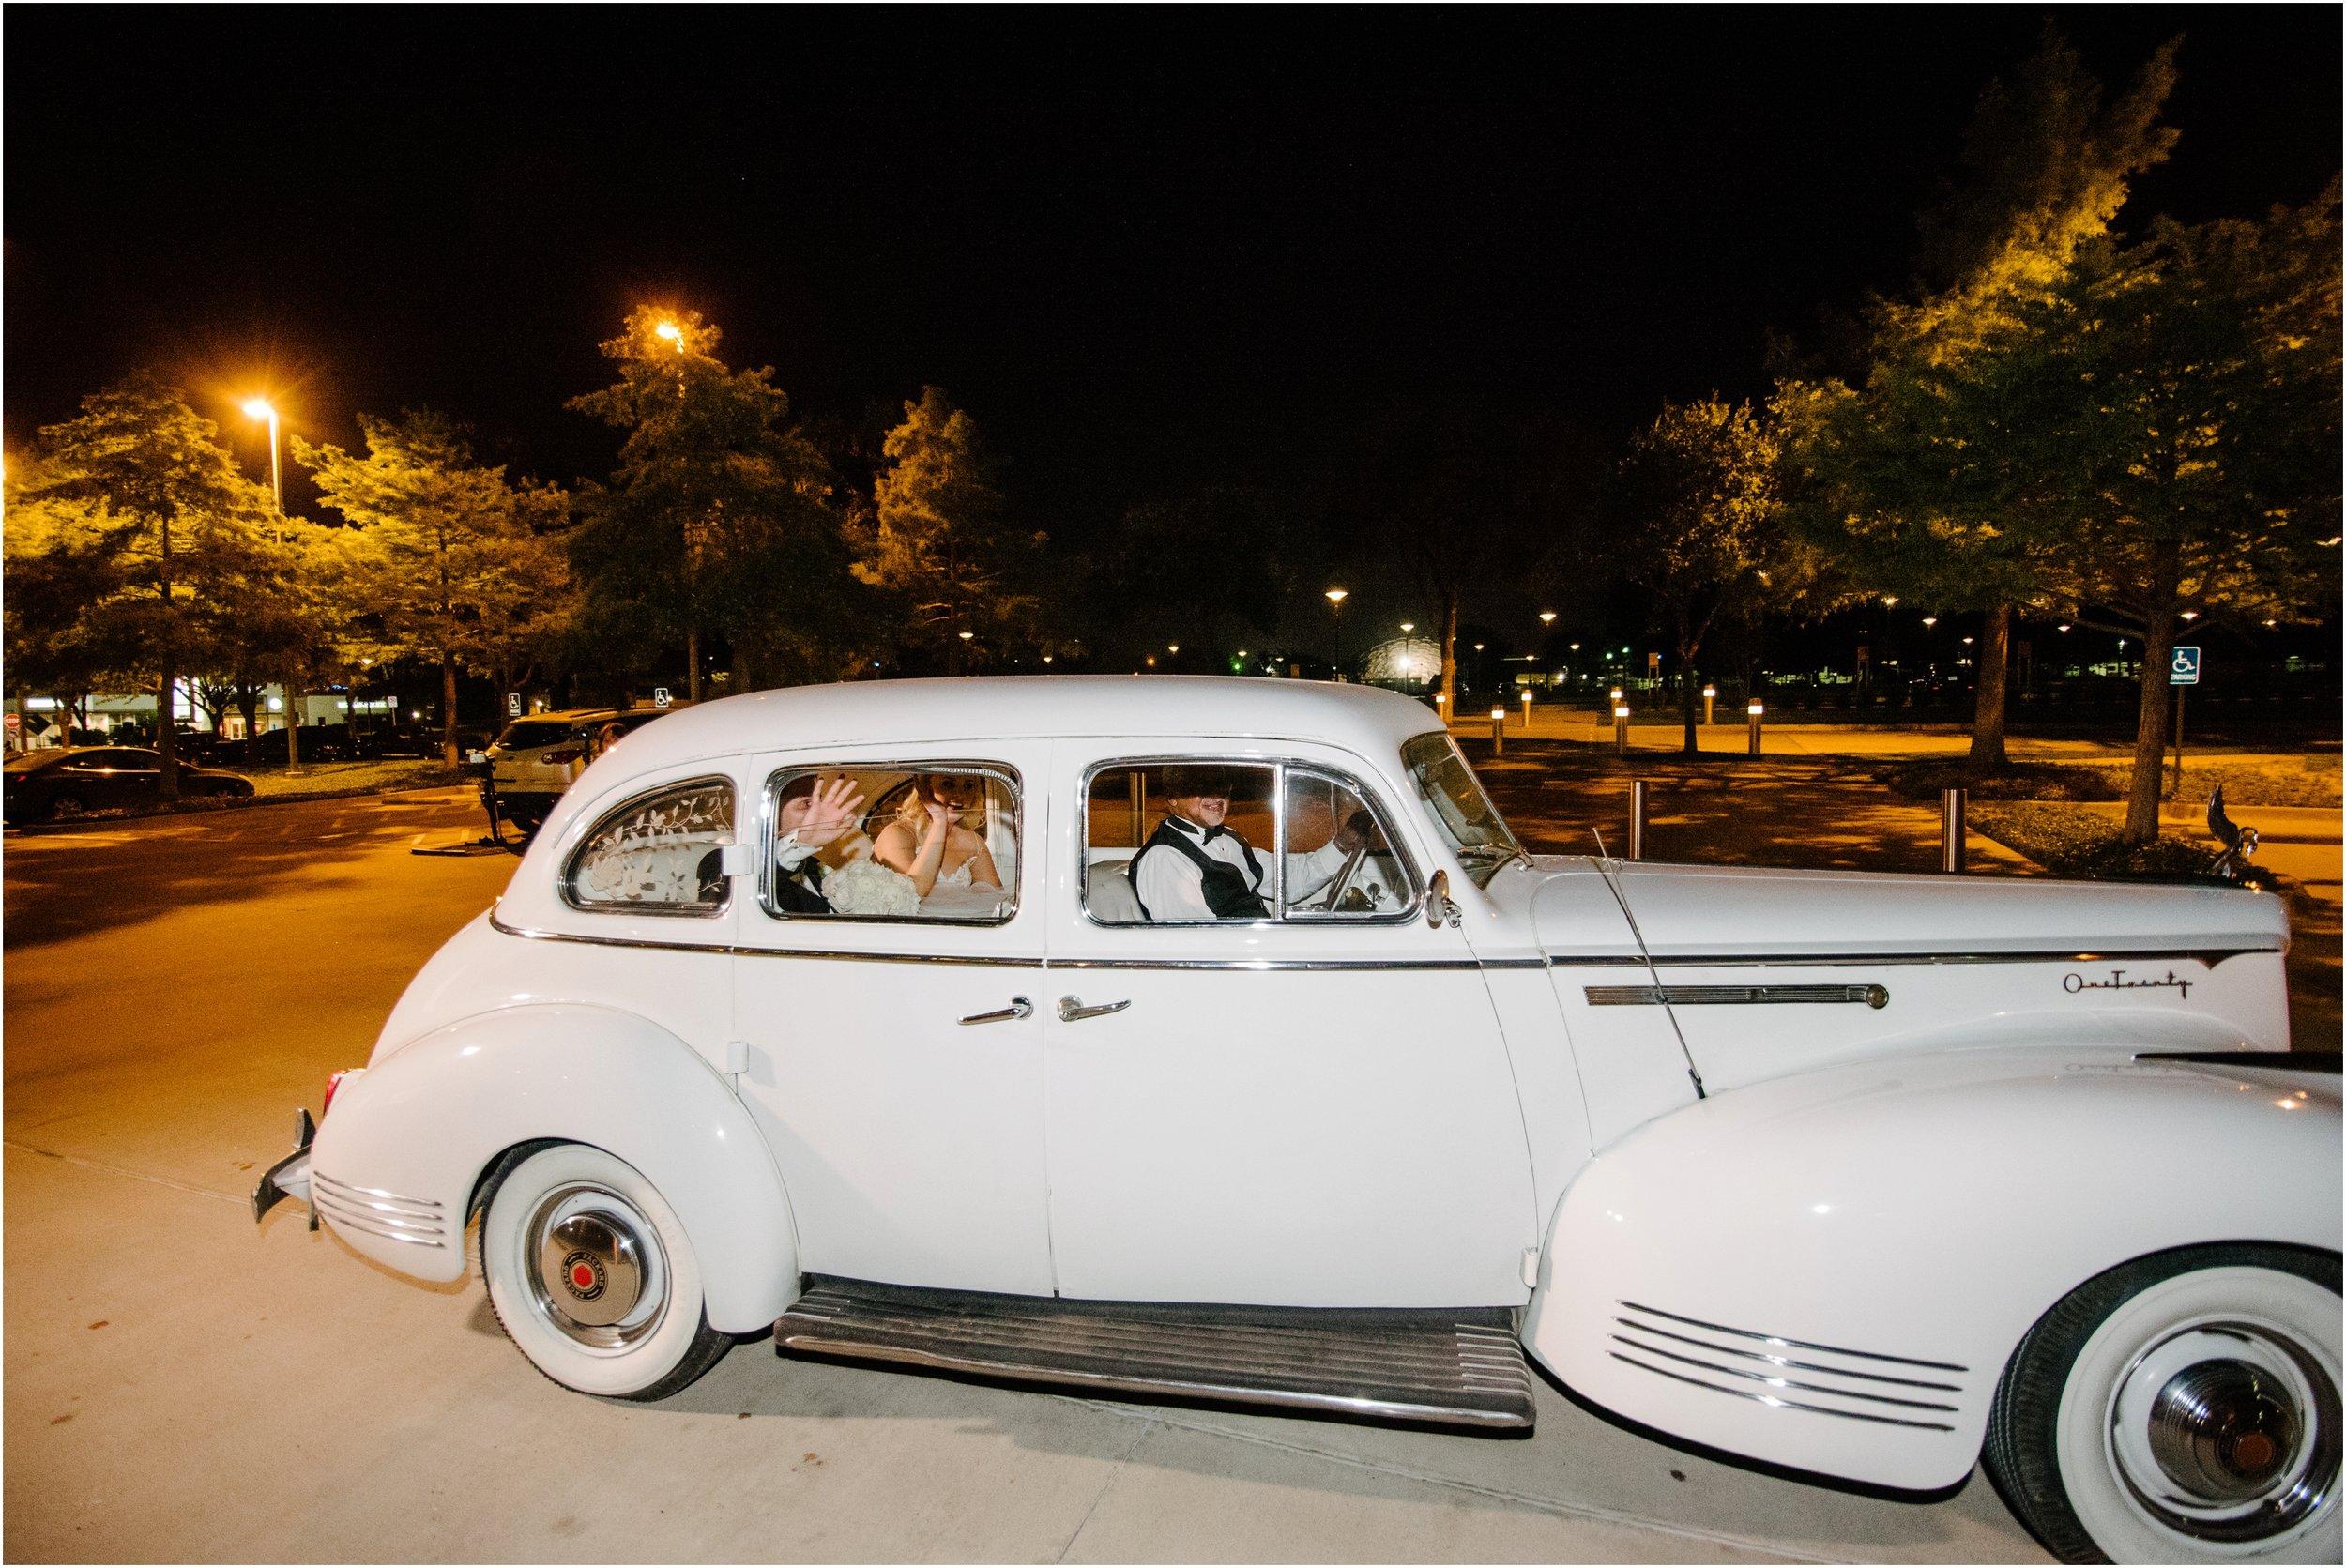 dallasweddingphotographer_fortworthweddingphotographer_texasweddingphotographer_mattandjulieweddings_0042.jpg